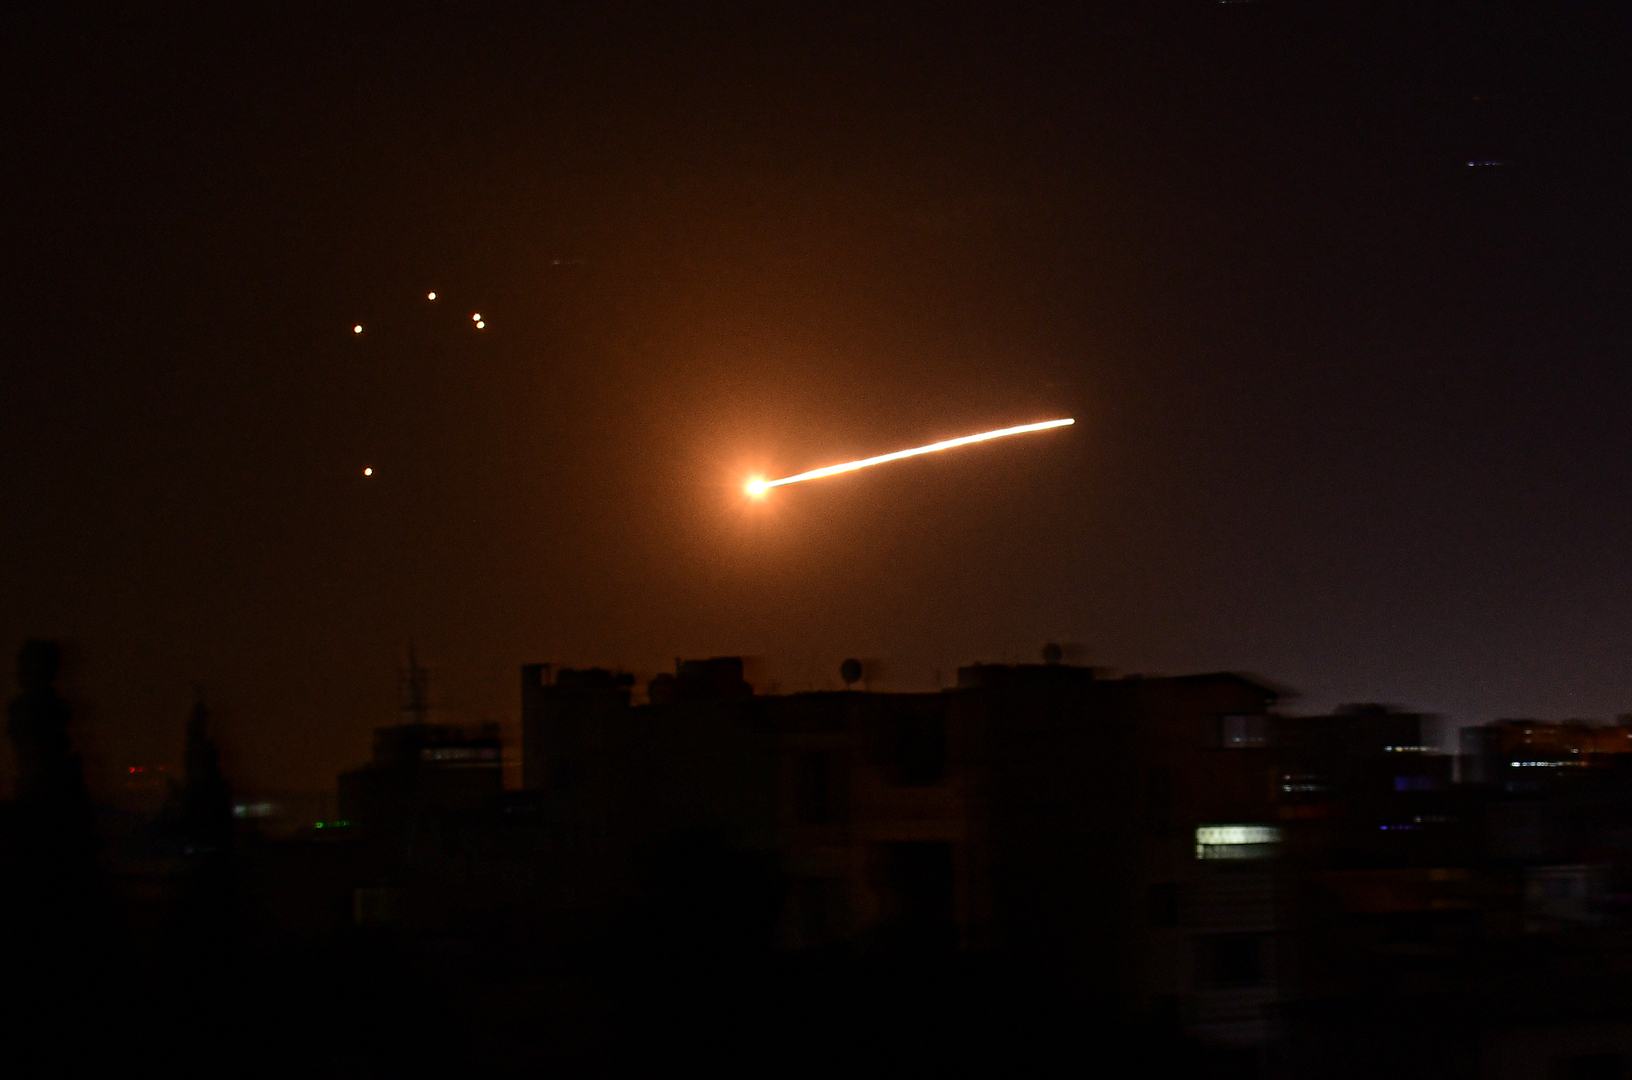 الإخبارية السورية: الدفاعات الجوية تتصدى لطائرة مسيرة مجهولة بريف حماة